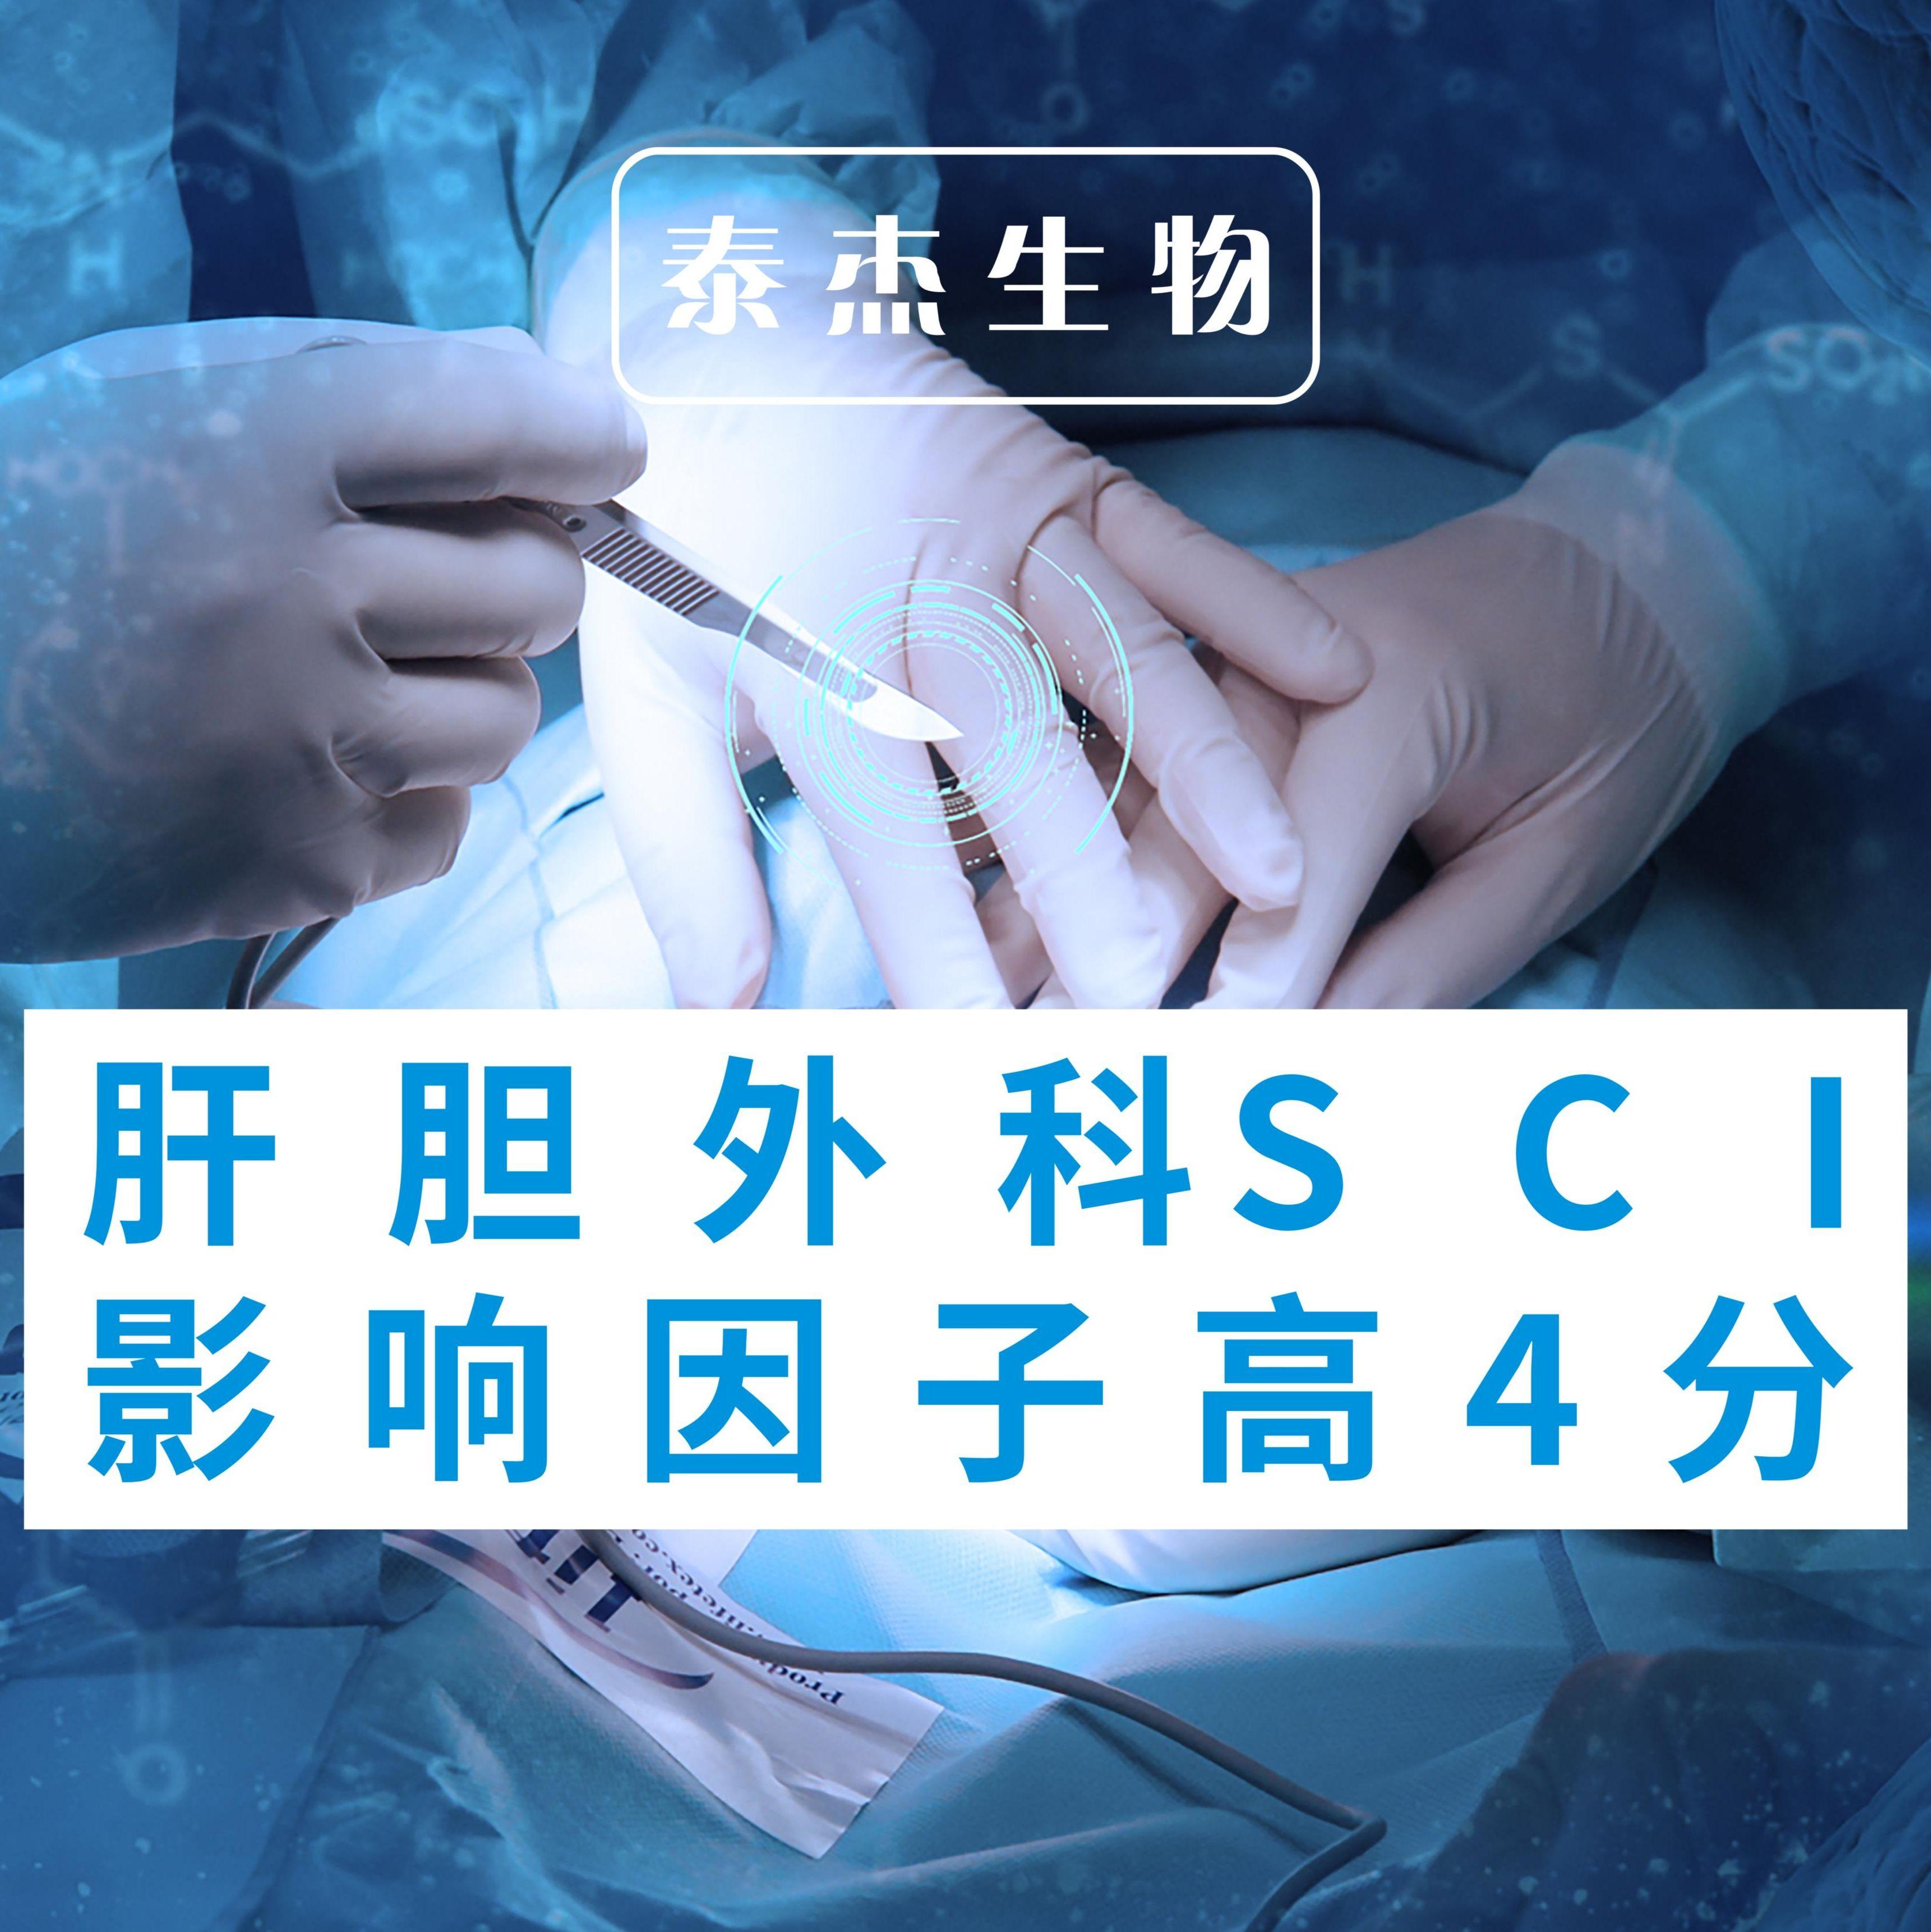 肝胆外科SCI